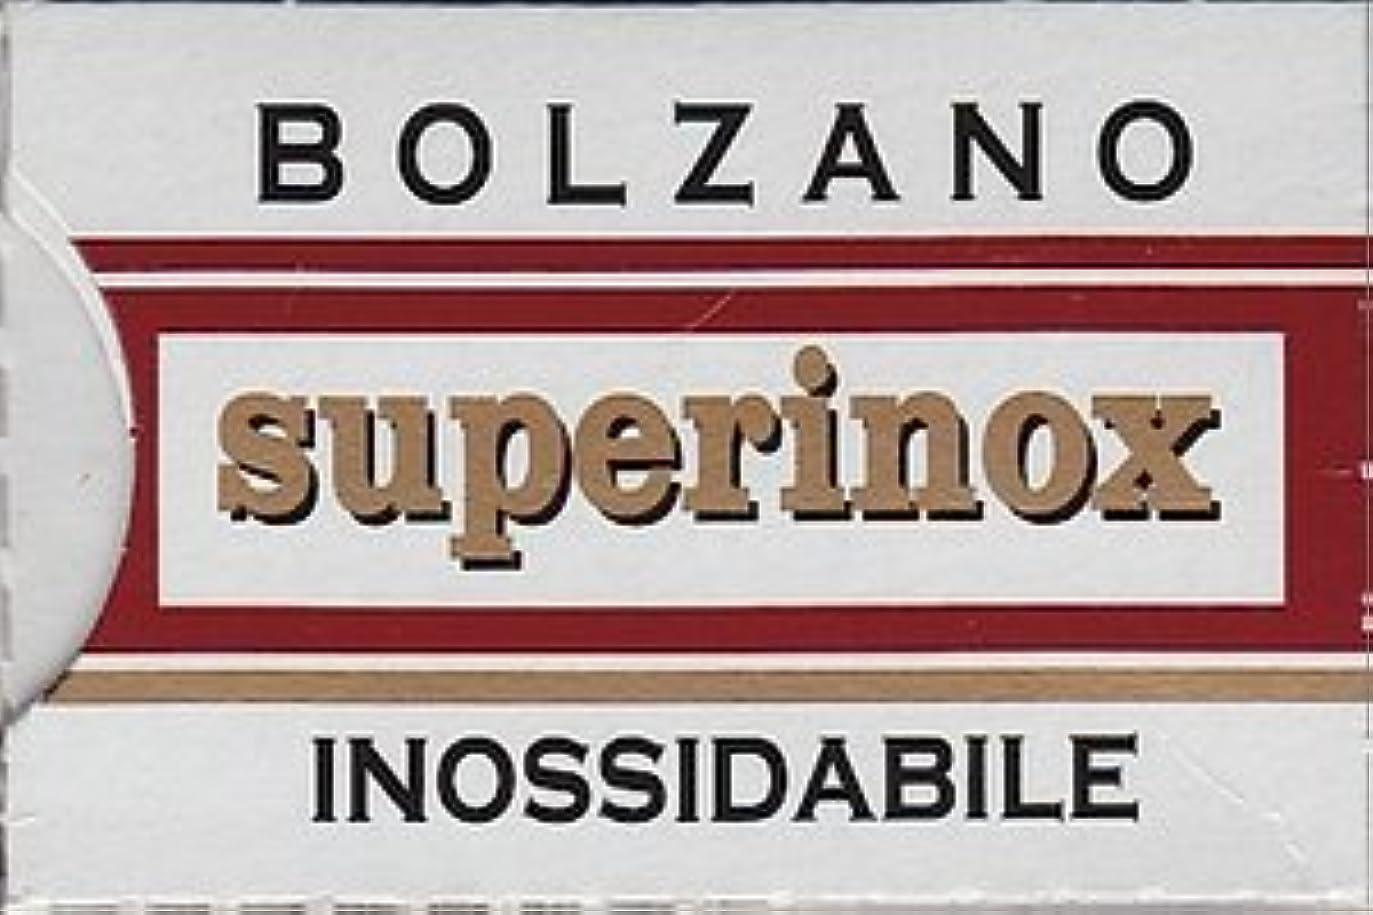 検出する無効シェードBolzano Superinox Inossidabile 両刃替刃 5枚入り(5枚入り1 個セット)【並行輸入品】